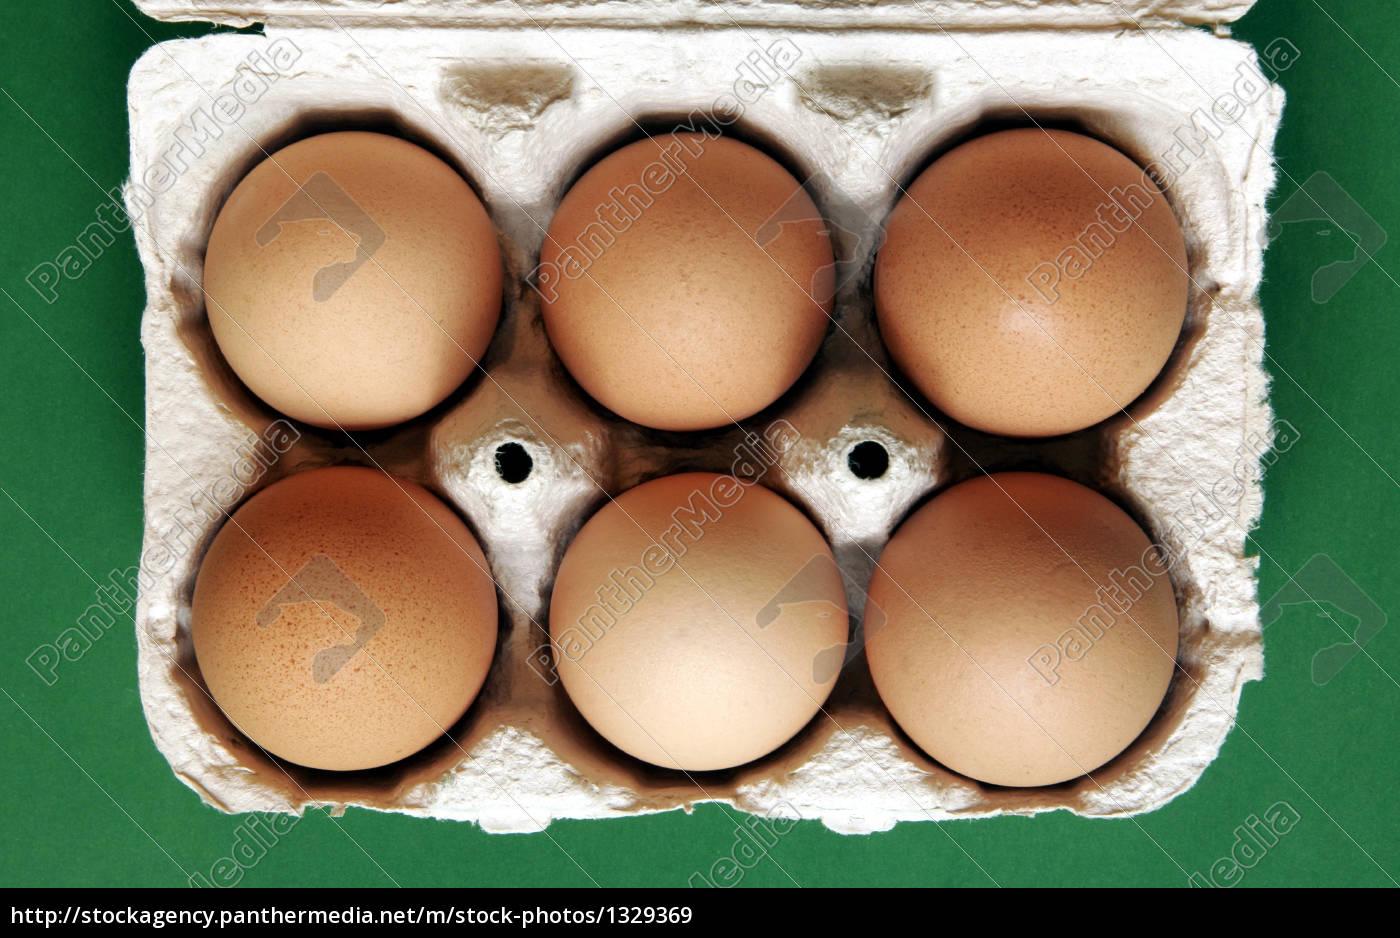 six, eggs - 1329369